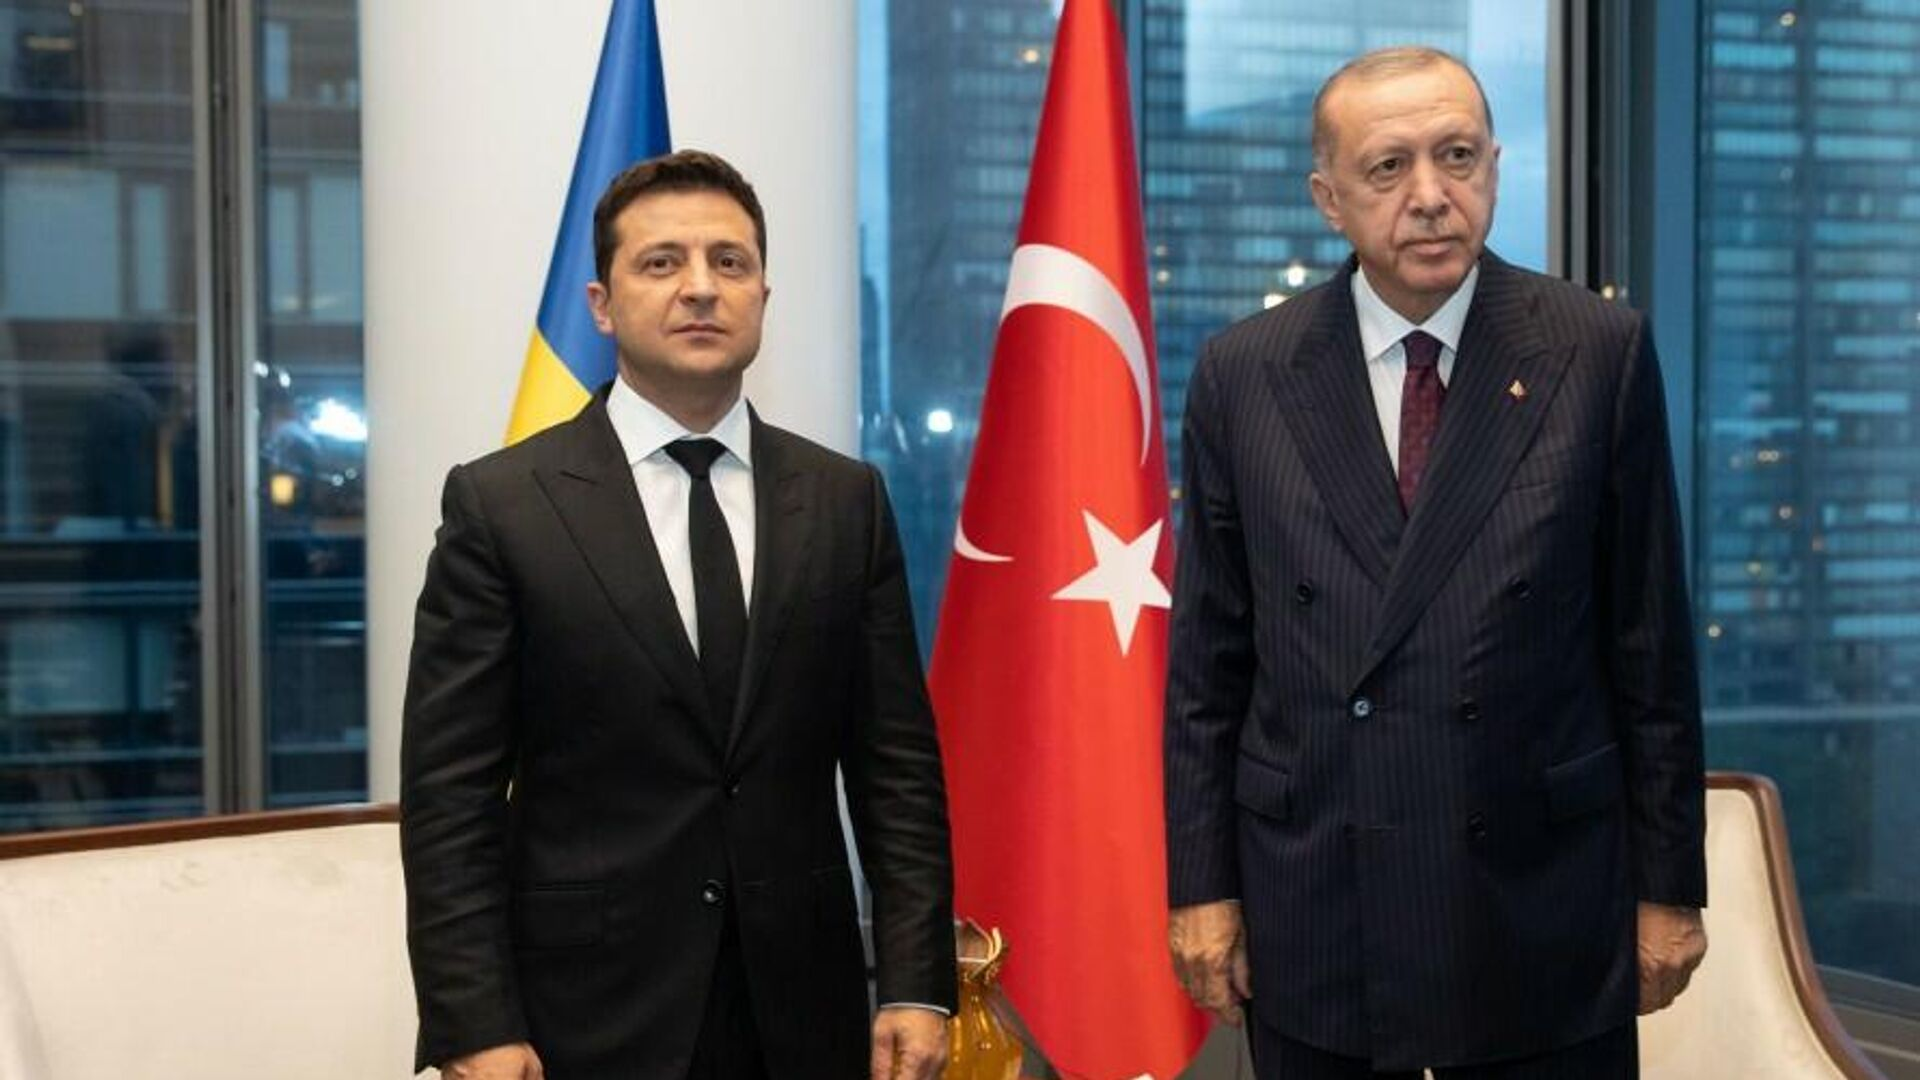 Президент Украины Владимир Зеленский и президент Турции Тайип Эрдоган во время встречи в Нью-Йорке - РИА Новости, 1920, 26.09.2021